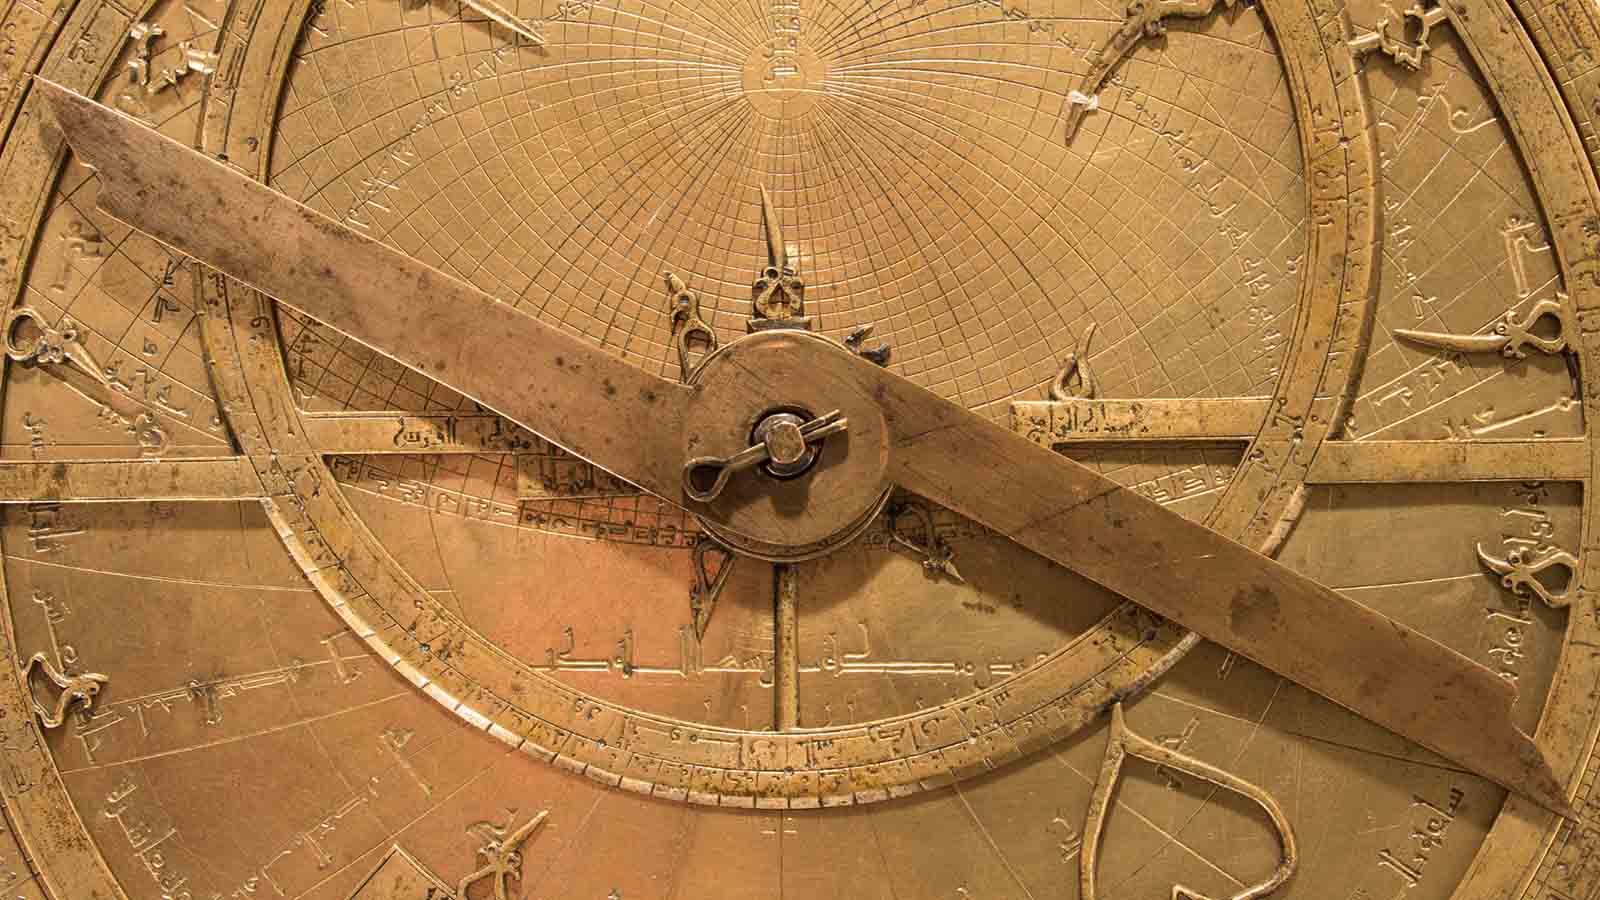 C3 - El astrolabio toledano de Ibn Said al-Sahli o como atrapar el tiempo mirando al cielo